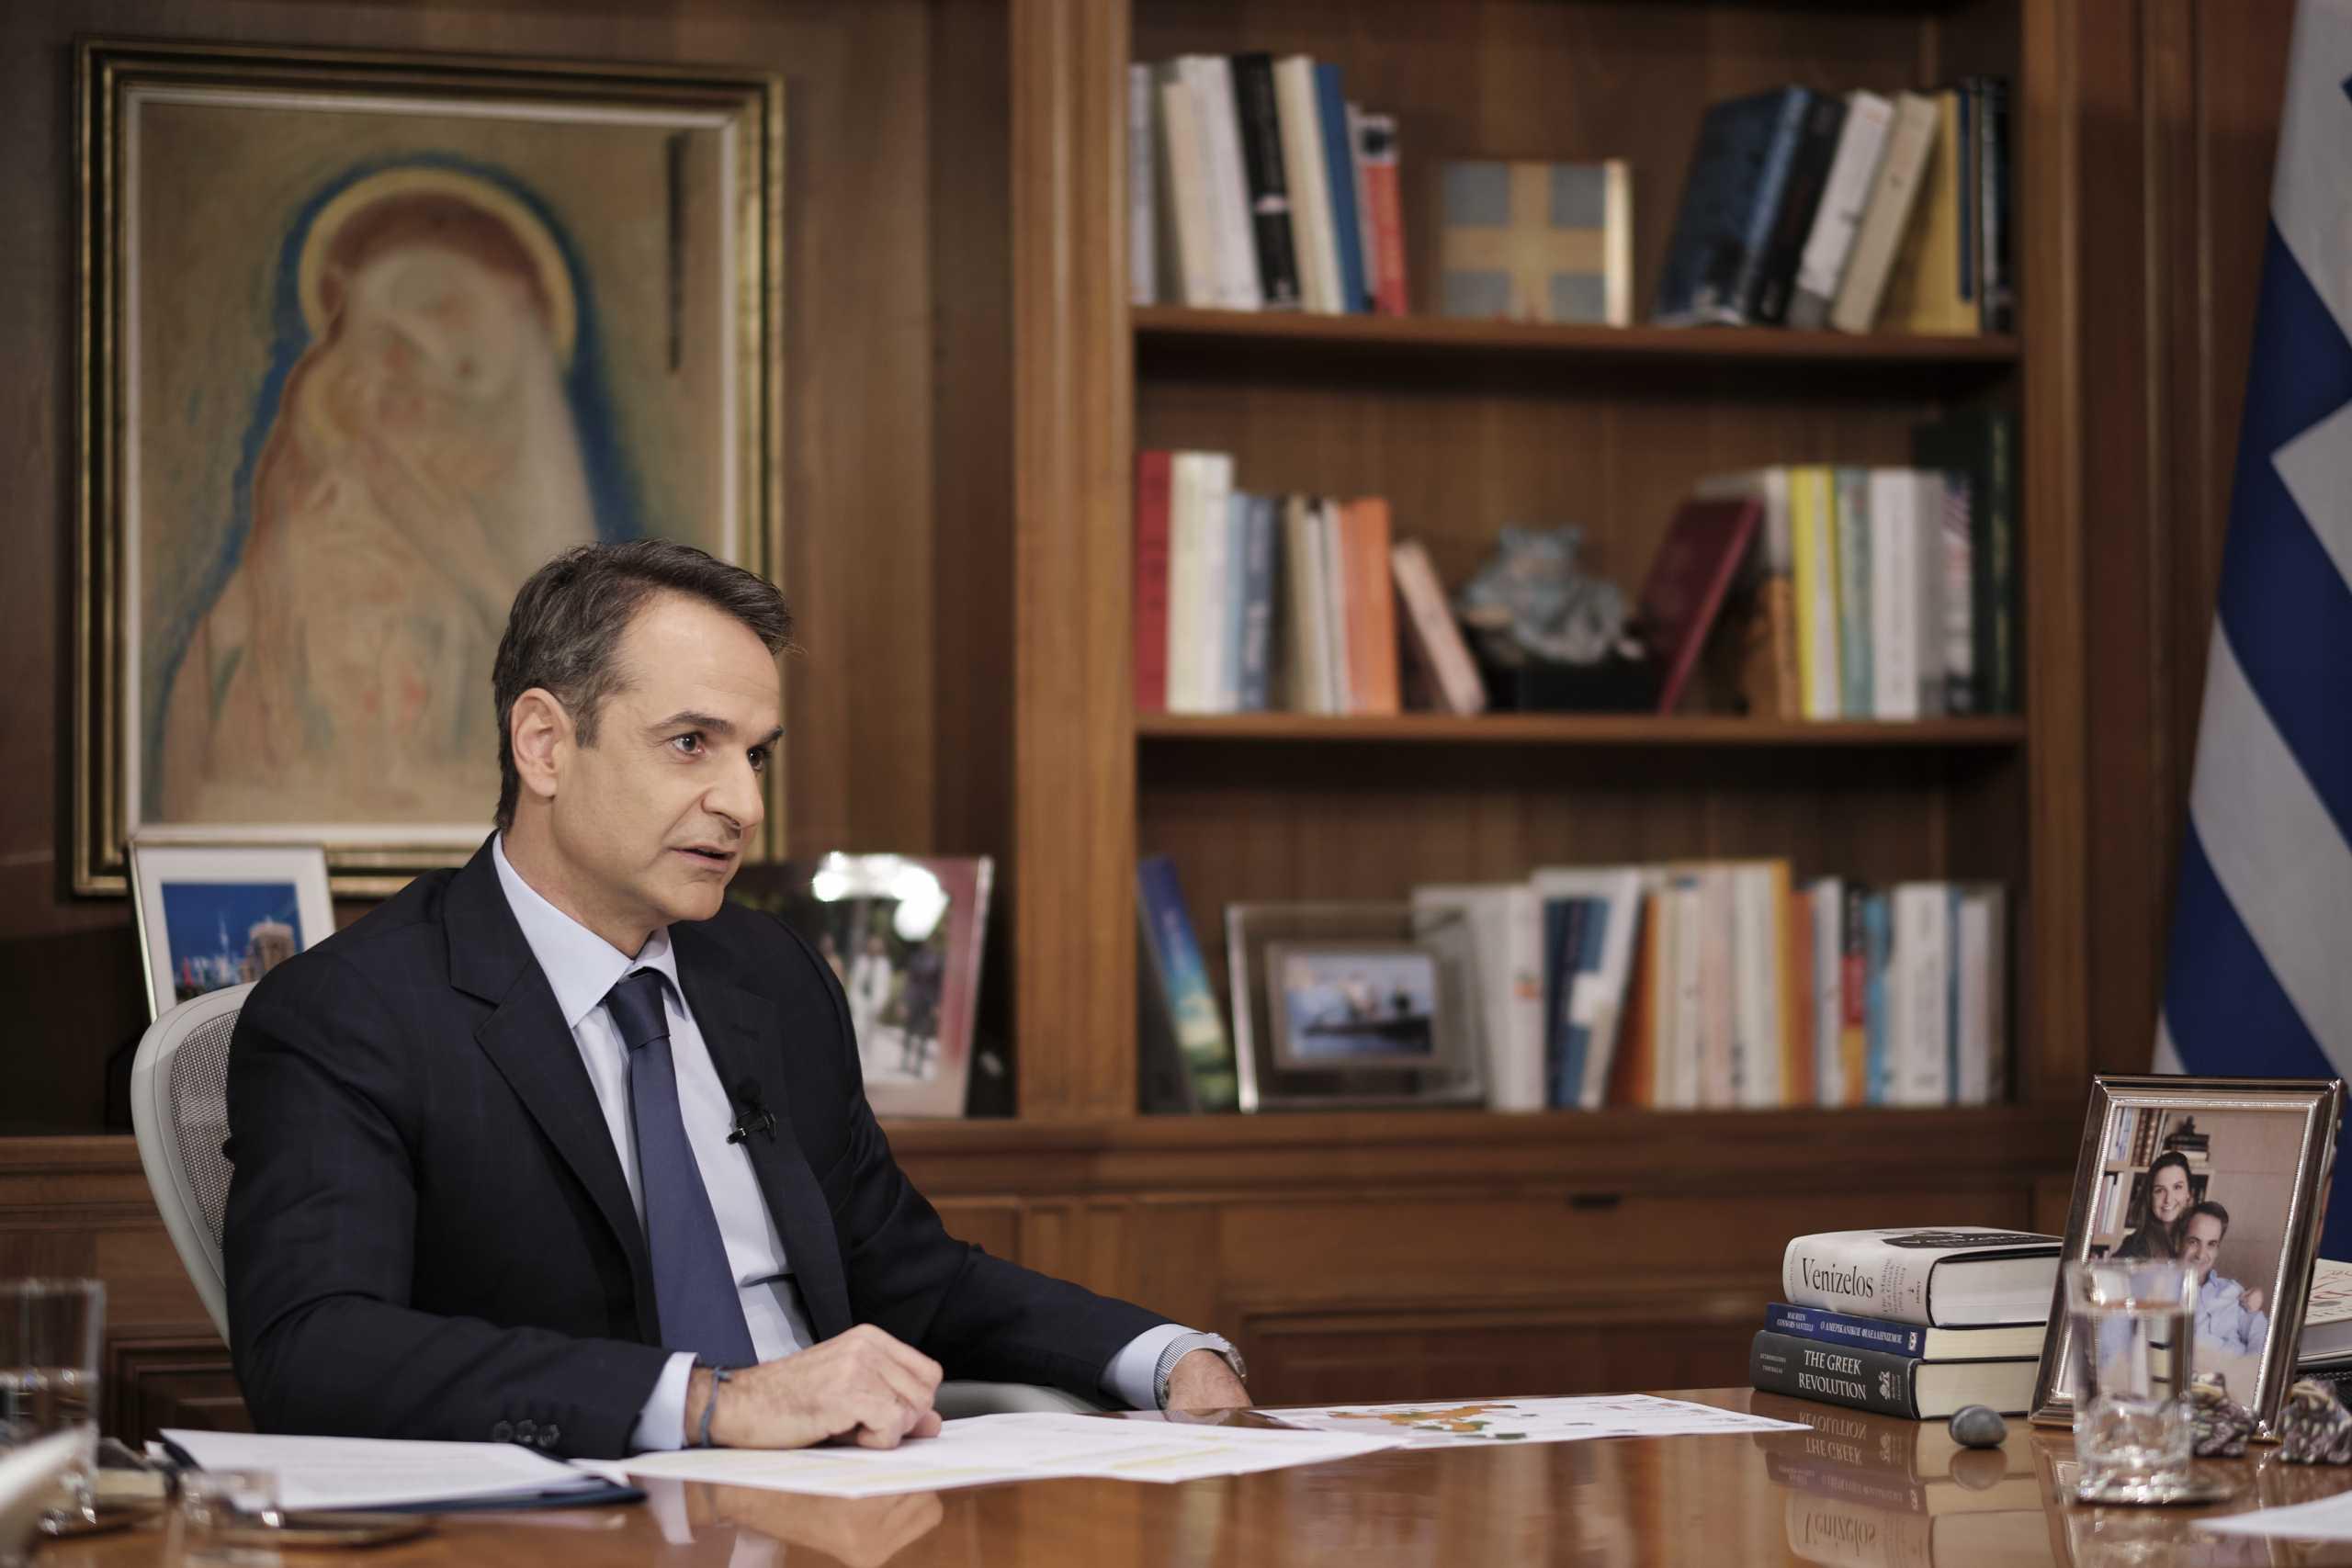 Κυριάκος Μητσοτάκης: Η συνέντευξη του Πρωθυπουργού στον Alpha